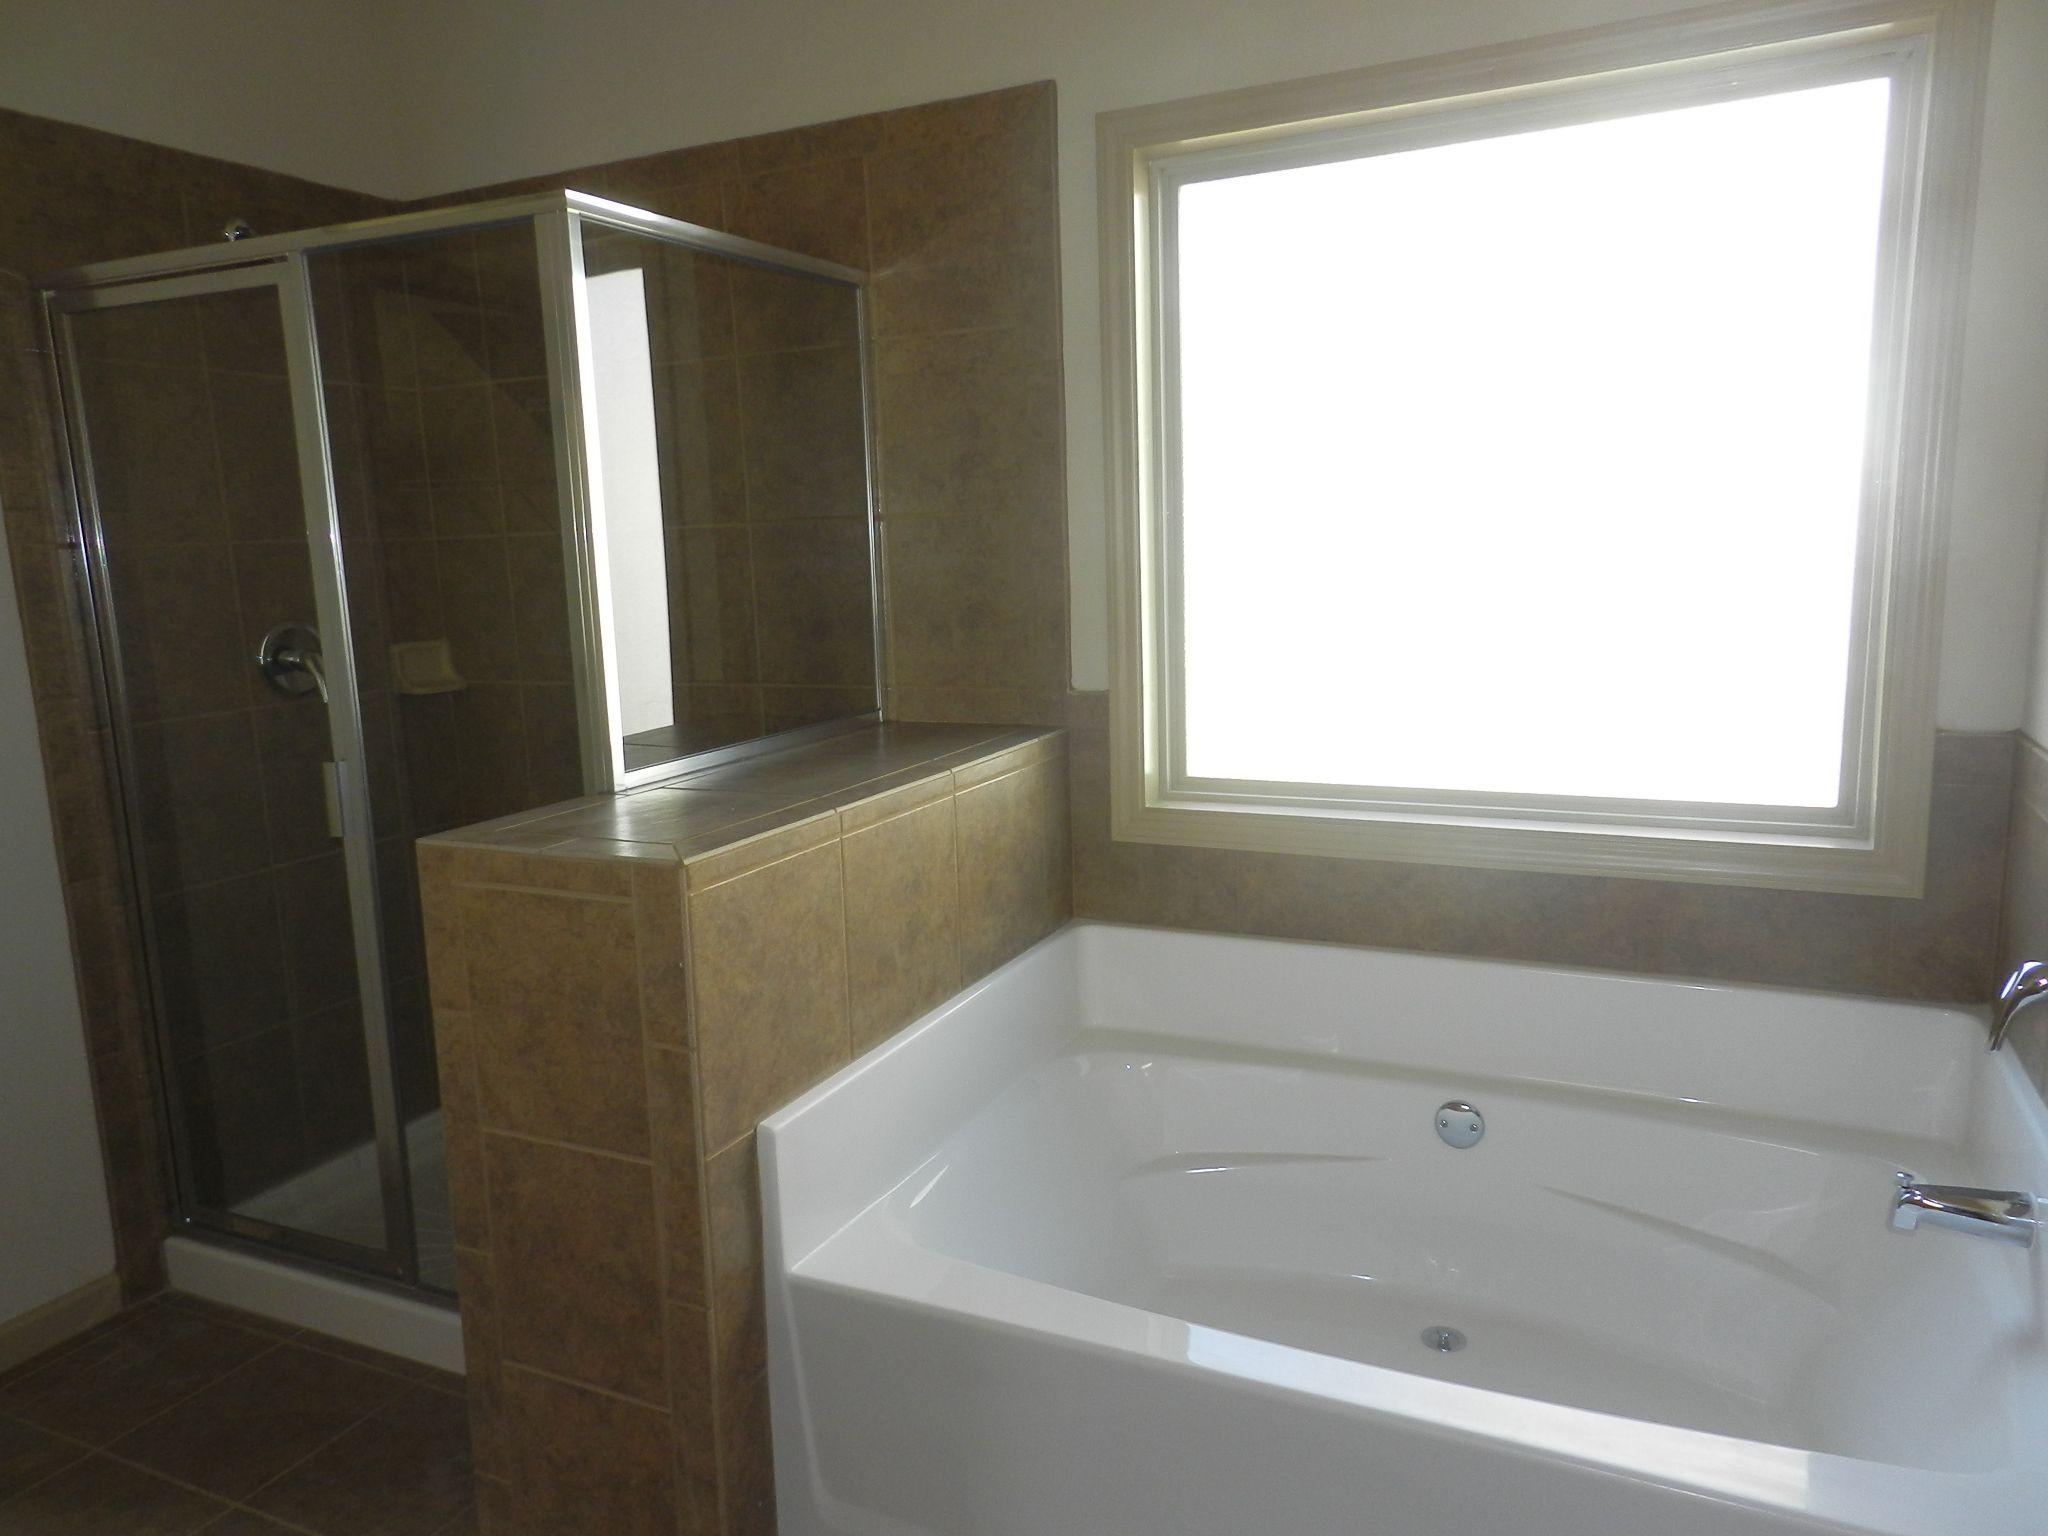 Garden tub and shower | DIY/Decor for the Casa | Pinterest | Garden ...